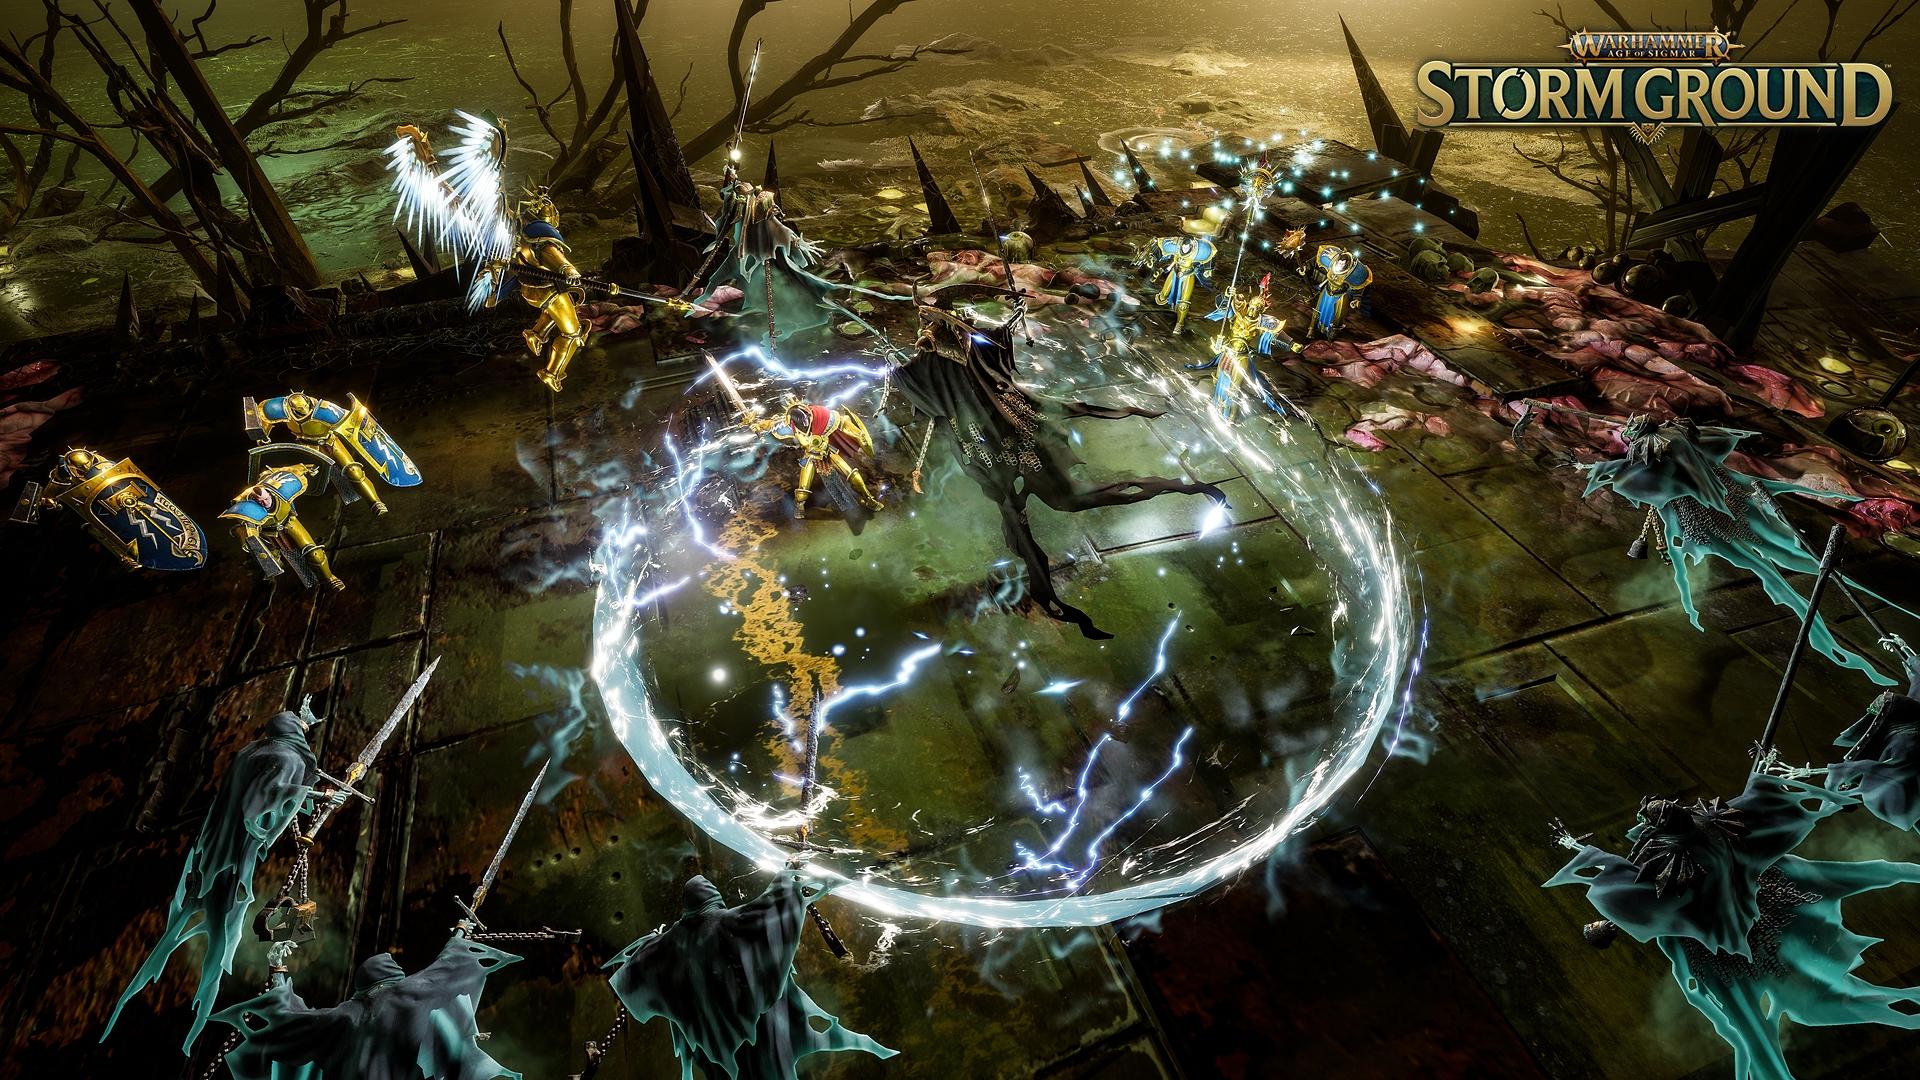 Warhammer Age of Sigmar: Storm Ground | WW (c86638bf-d44b-41c7-a02e-0e25ff33f17e)